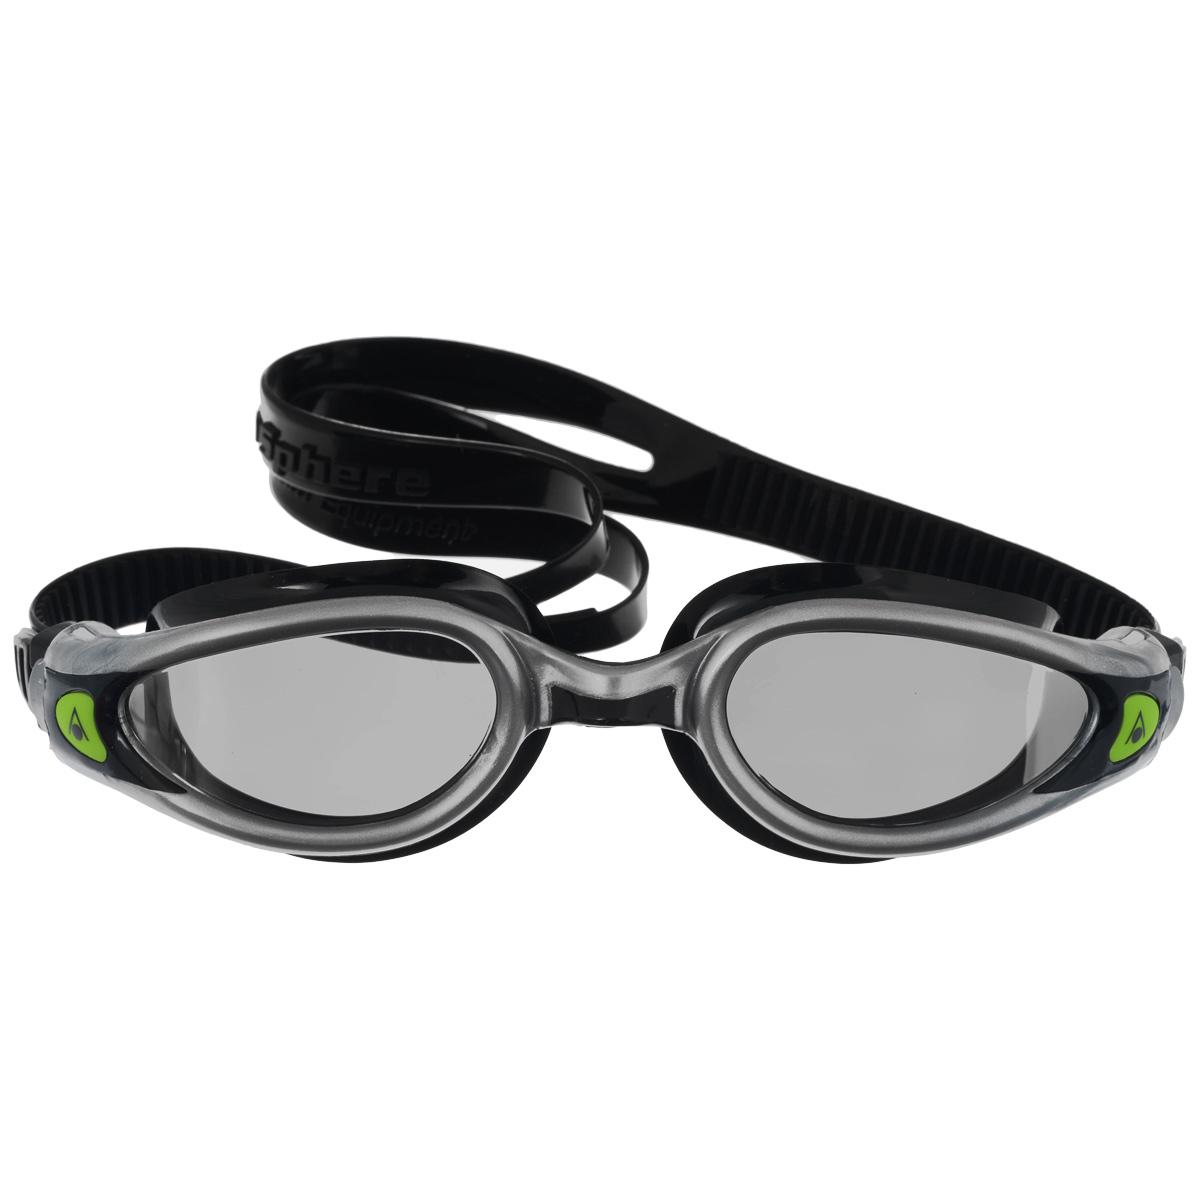 Очки для плавания Aqua Sphere Kaiman Exo, зеркальные линзы, цвет: серебристый, черный цена